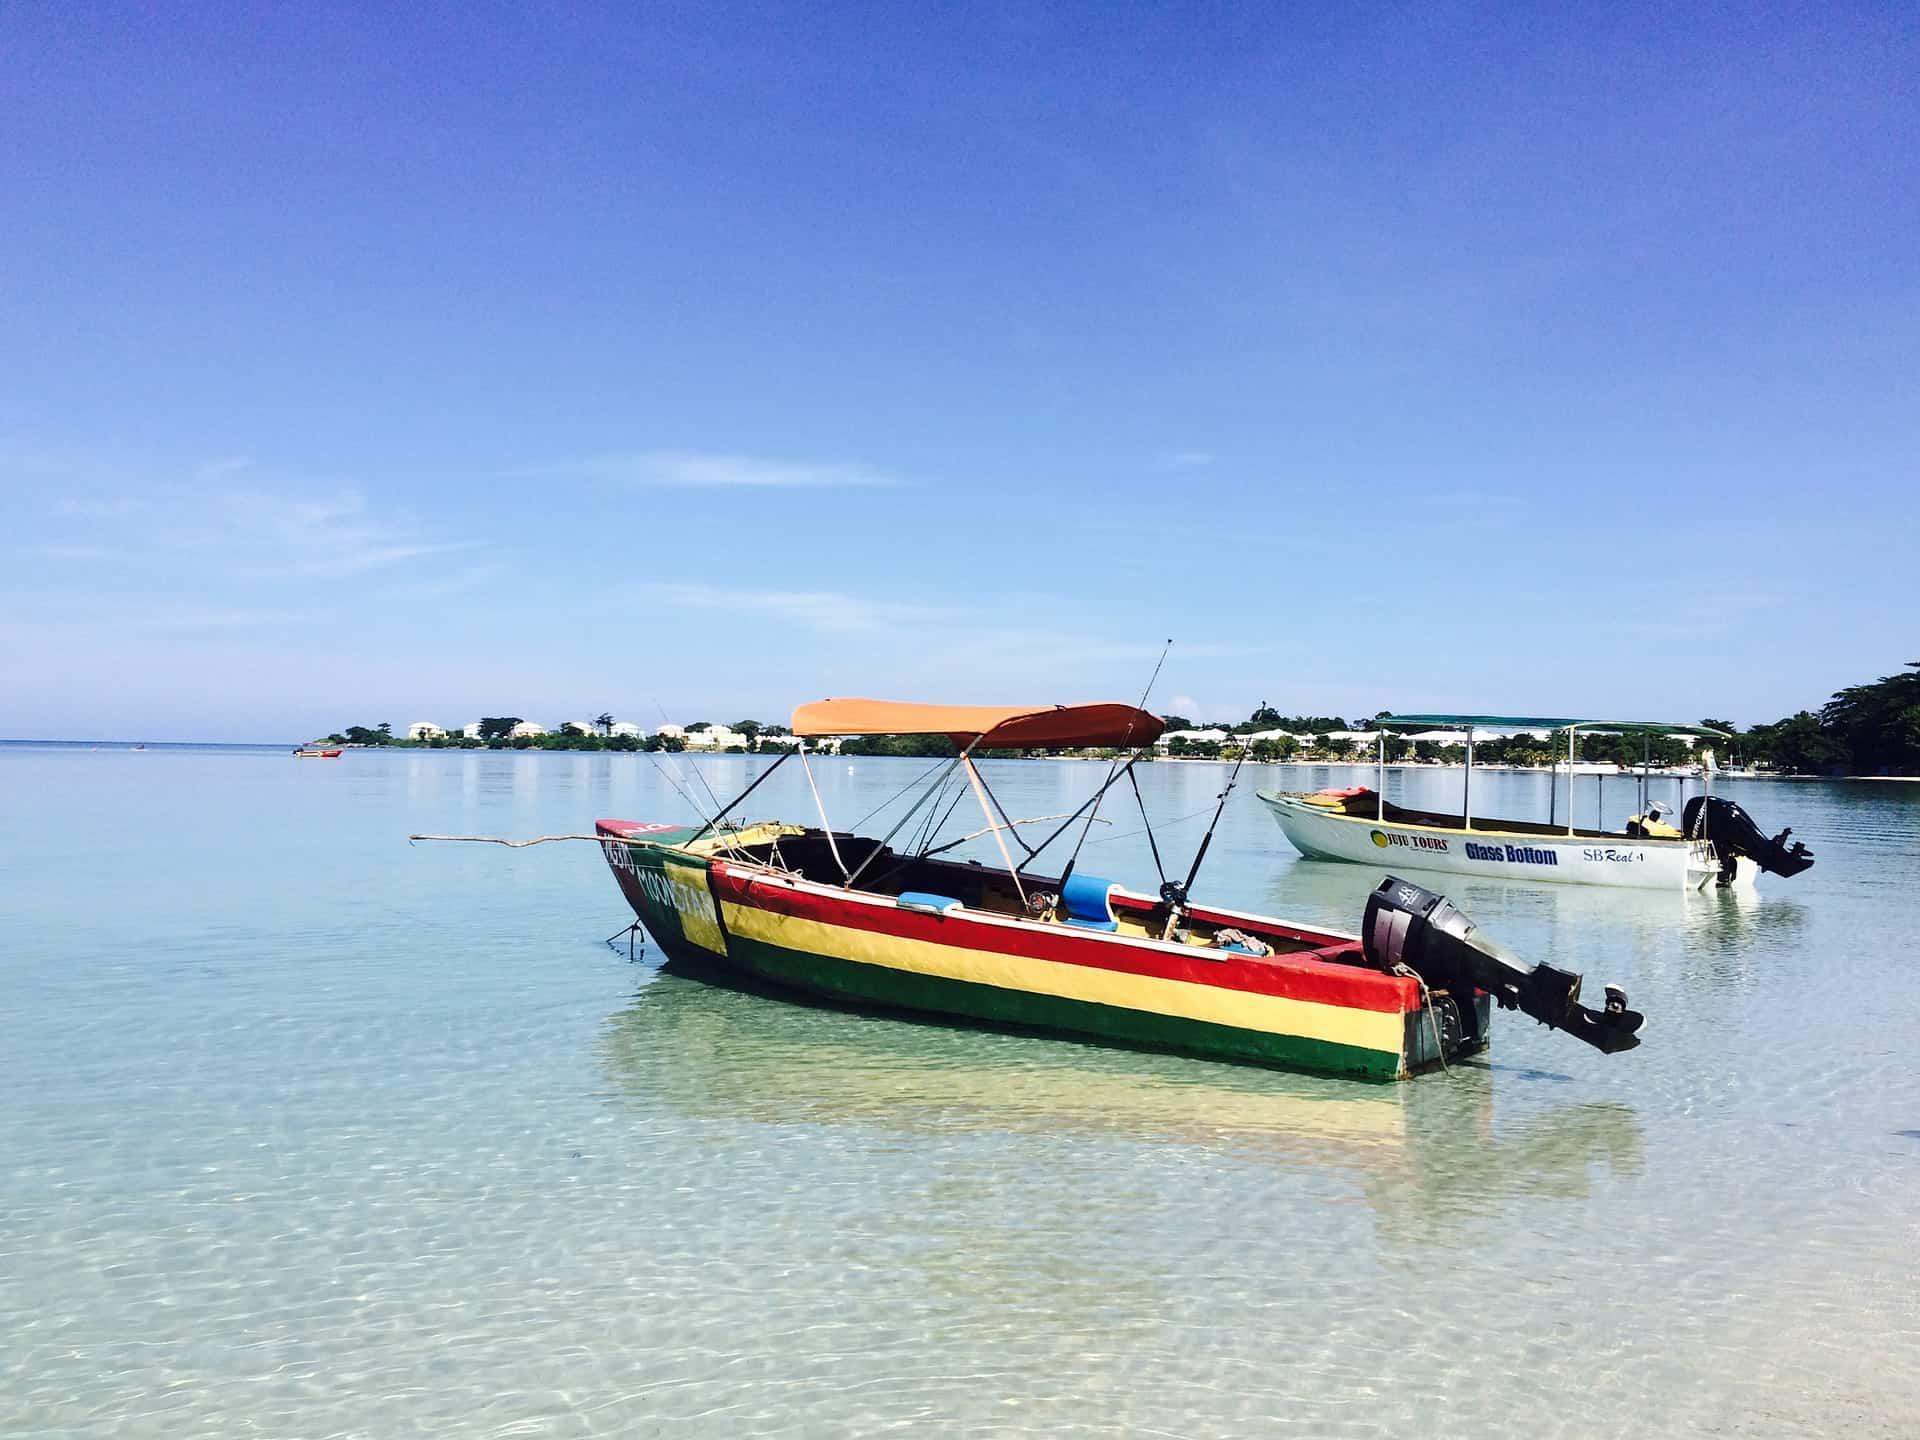 Negril Beach beliebtester Urlaubsort